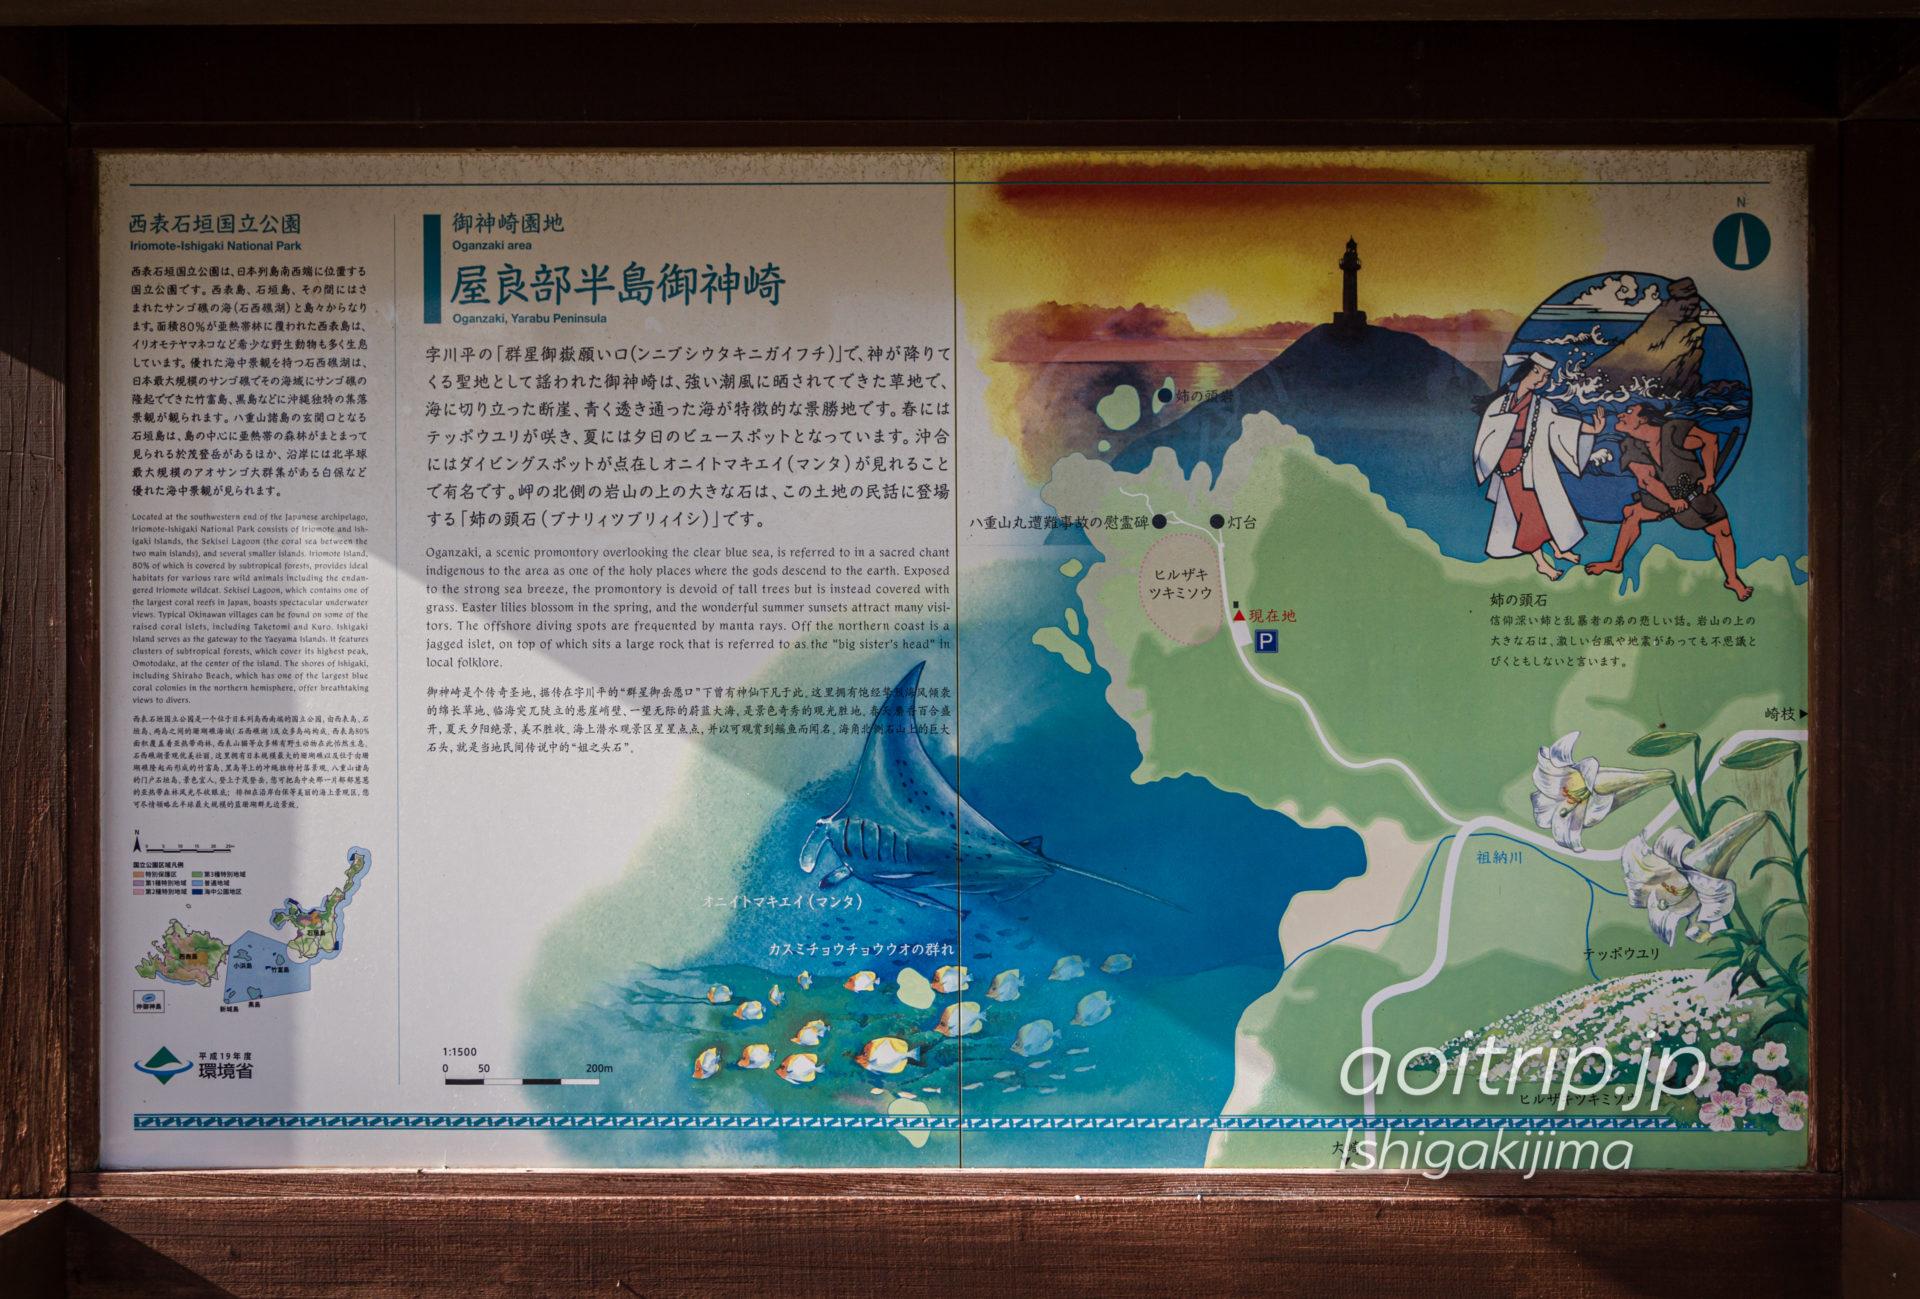 御神崎灯台 Oganzaki, Ishigaki Islandの解説